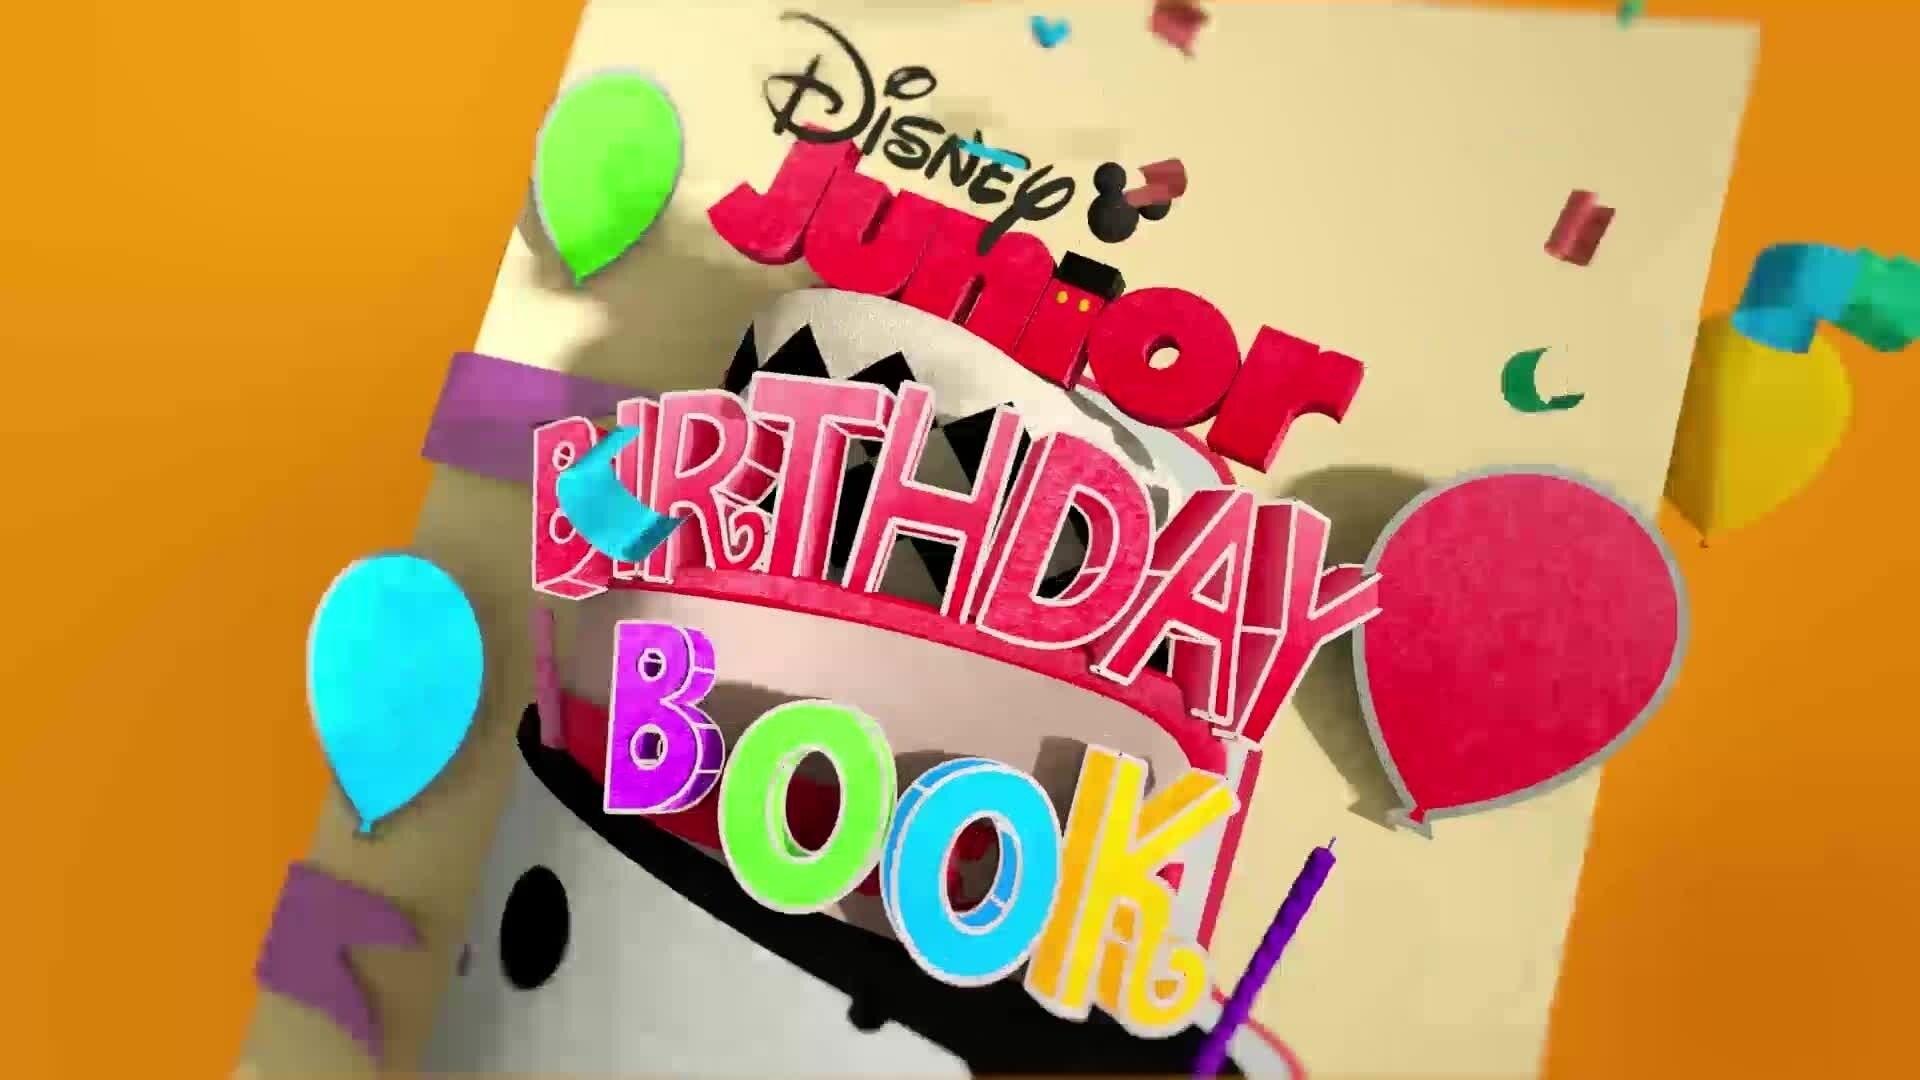 Disney Junior สมุดอวยพรวันเกิดเดือนมีนาคม 2563 Album 9